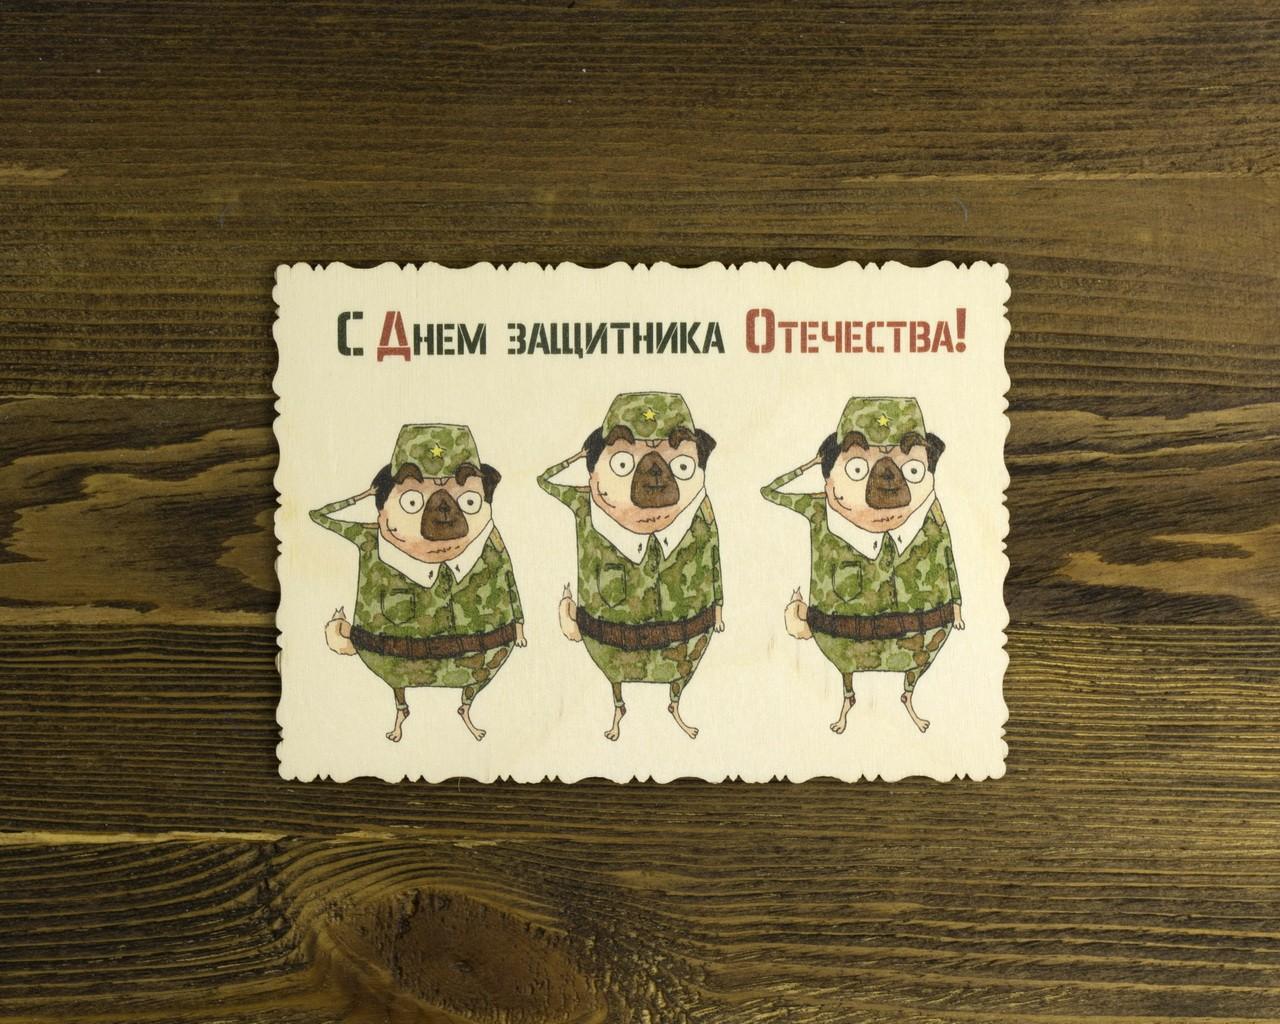 """Деревянная открытка """"Отдать Честь"""" Ирины Тузовой"""